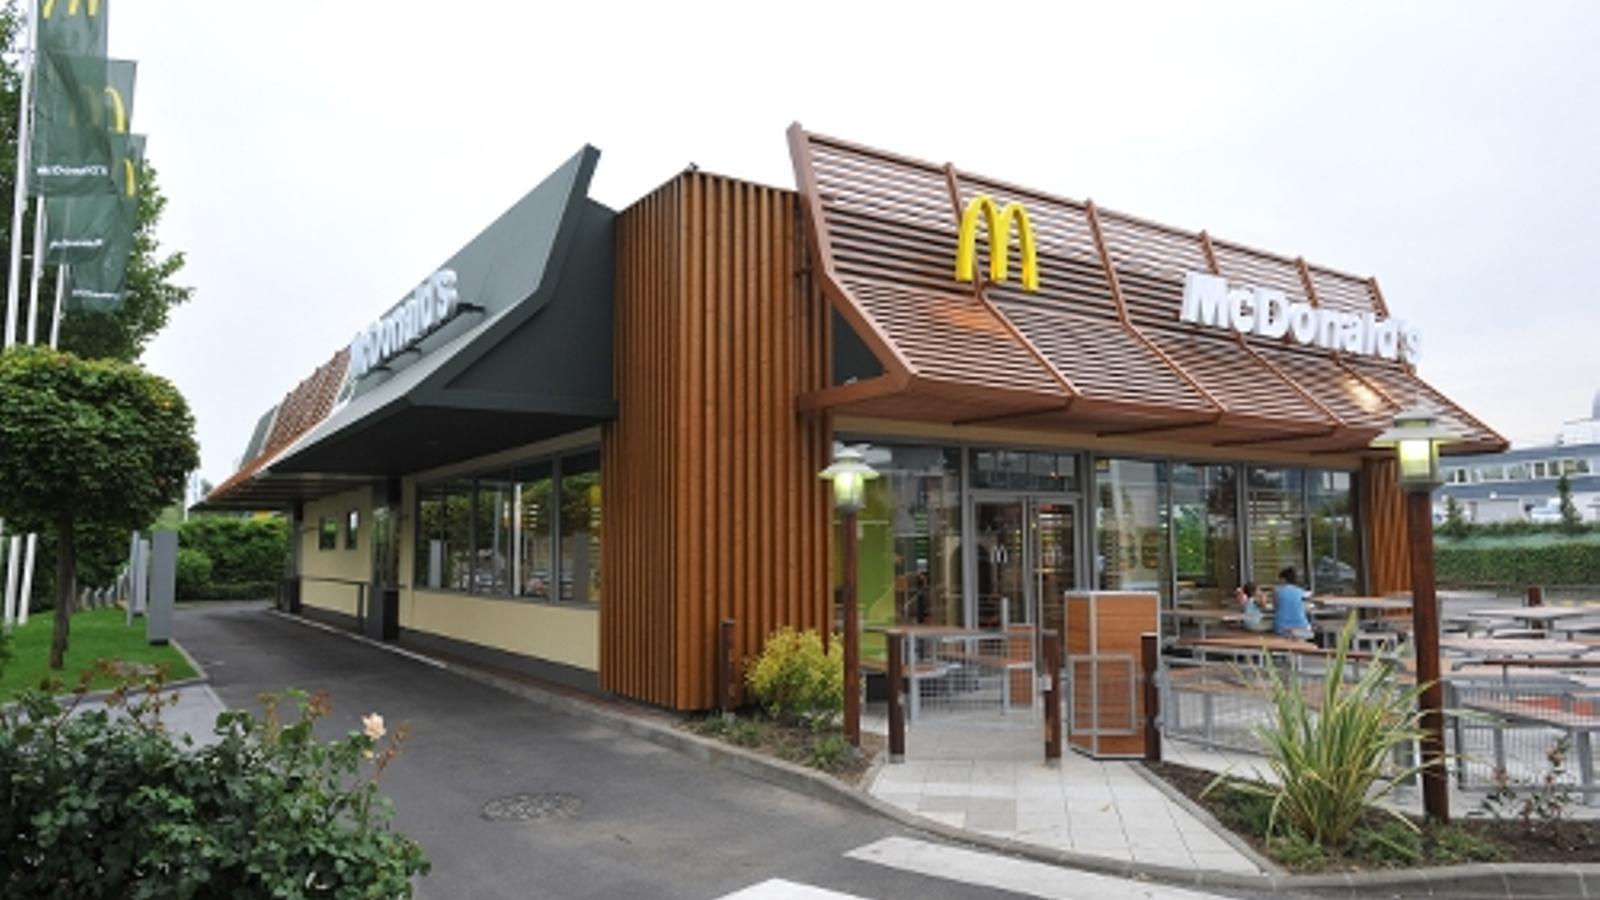 Un restaurant de McDonald's / MCDONALD'S